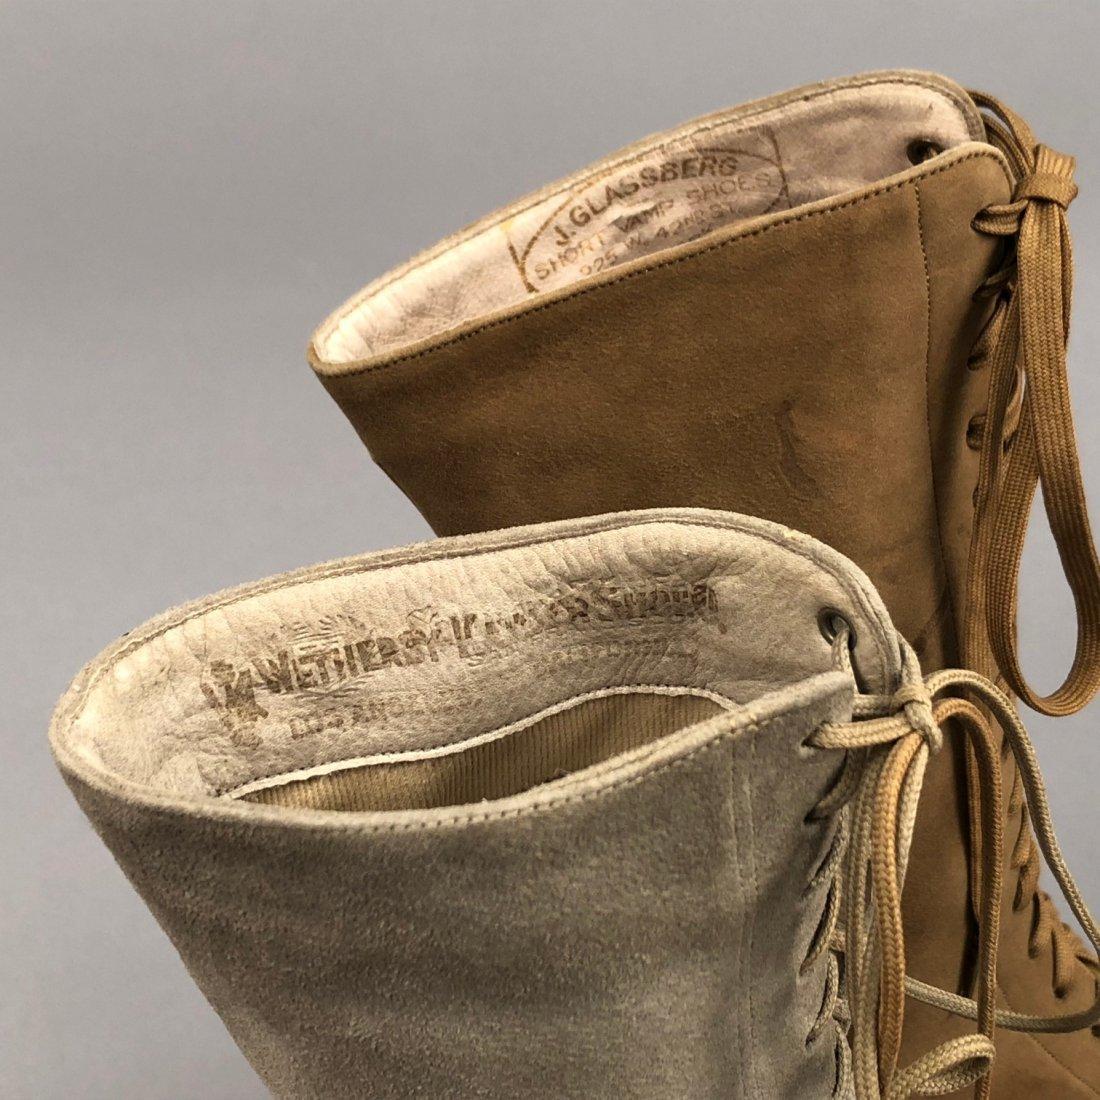 THREE PAIR LADIES' SUEDE BOOTS, 1890s - 1900s - 5